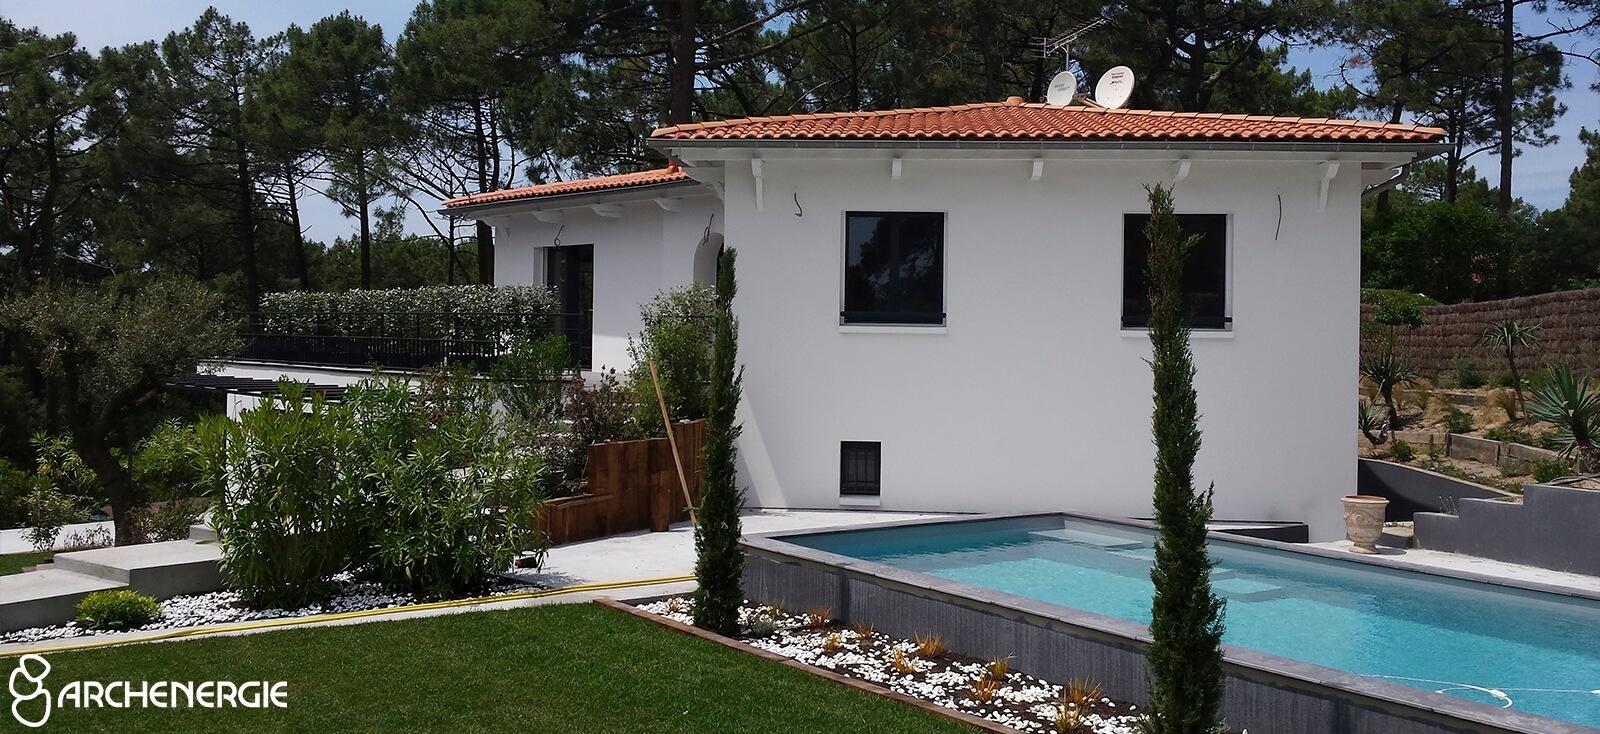 Villa Cap Ferret après travaux de rénovation - Archenergie